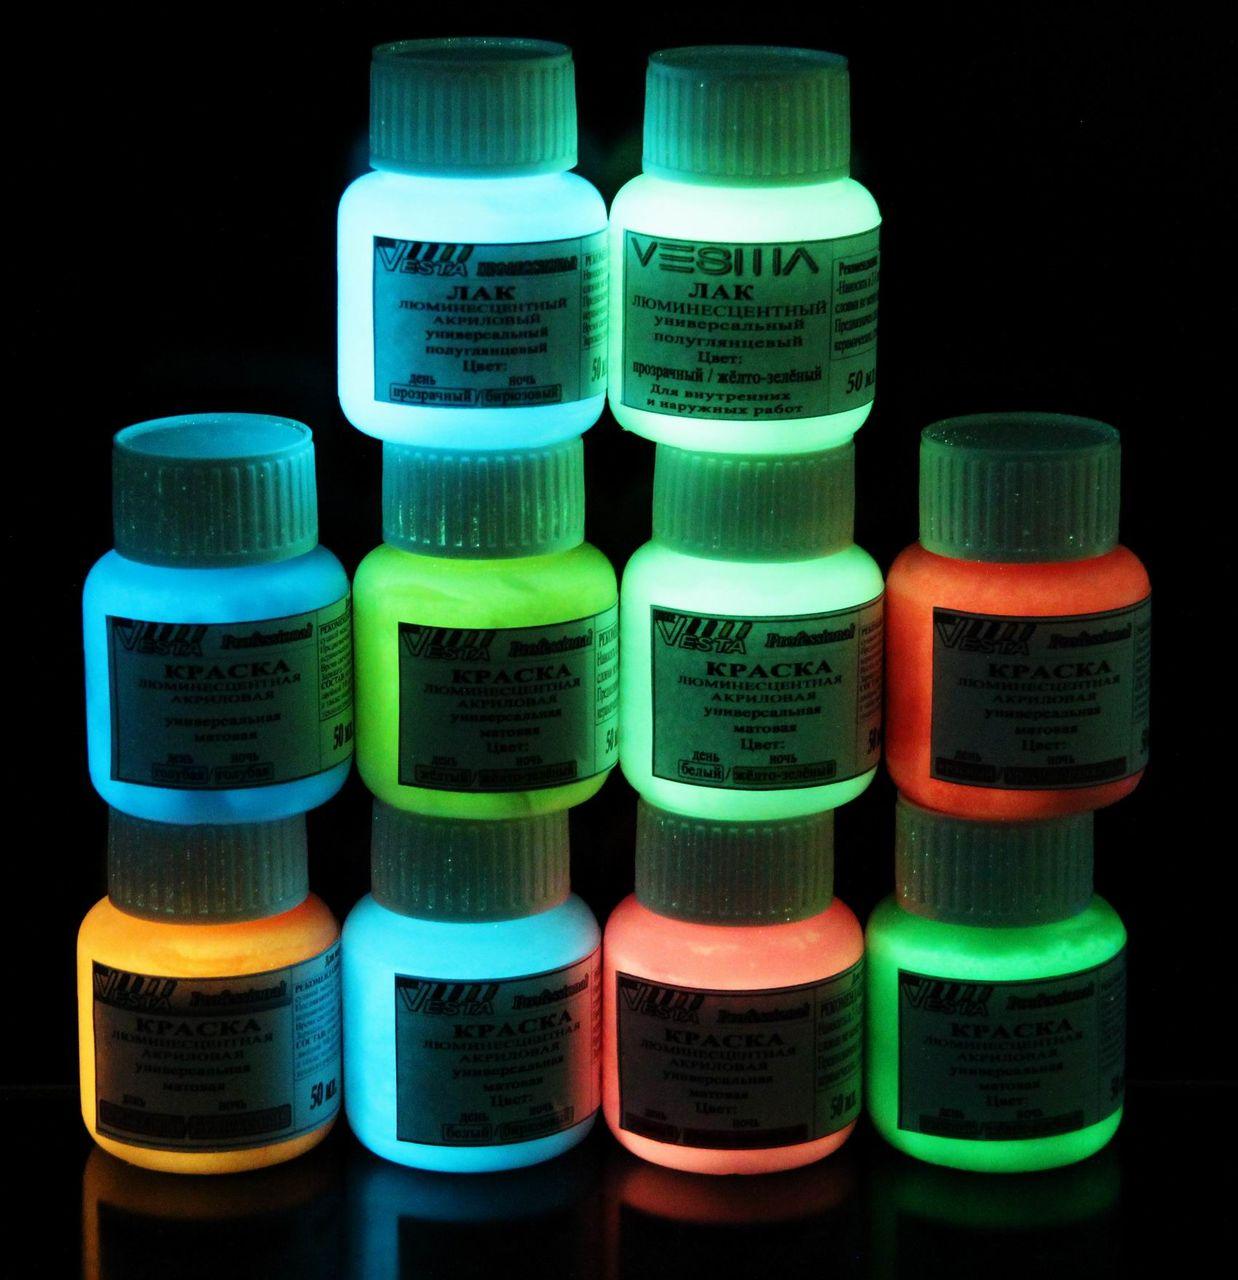 светящиеся краски для росписи